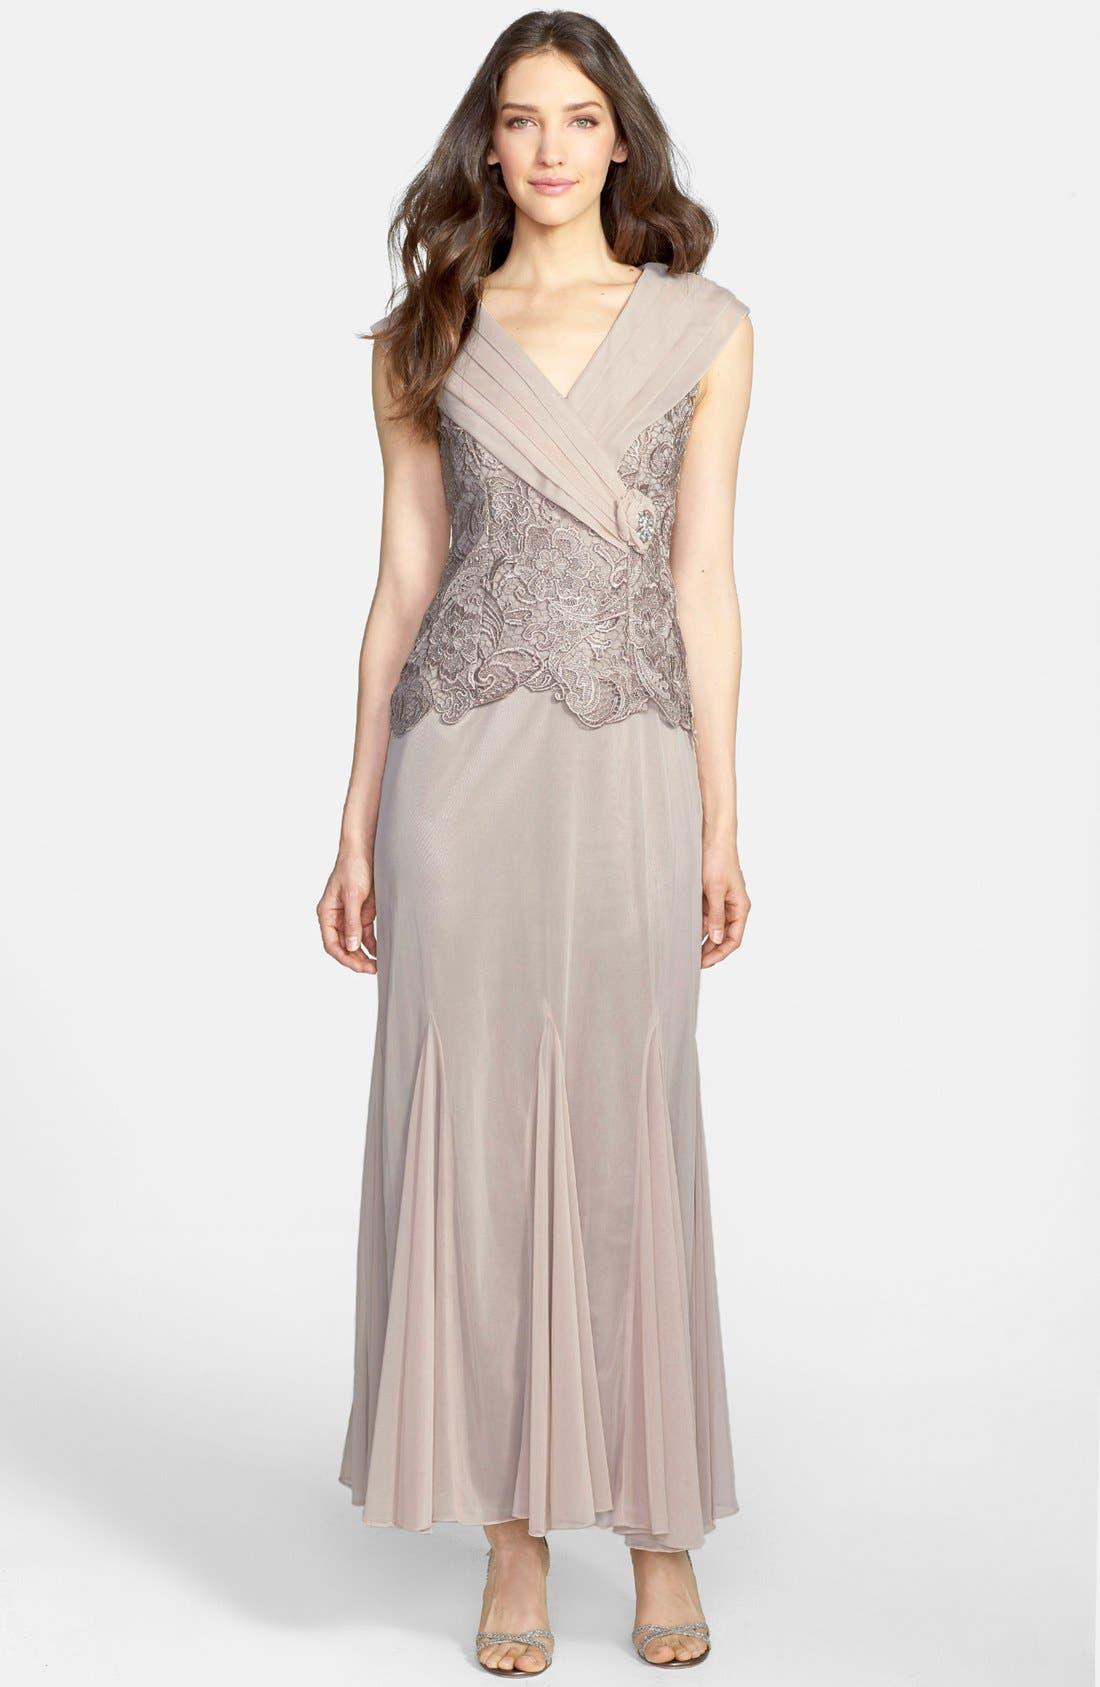 Main Image - Patra Venice Lace & Chiffon Dress